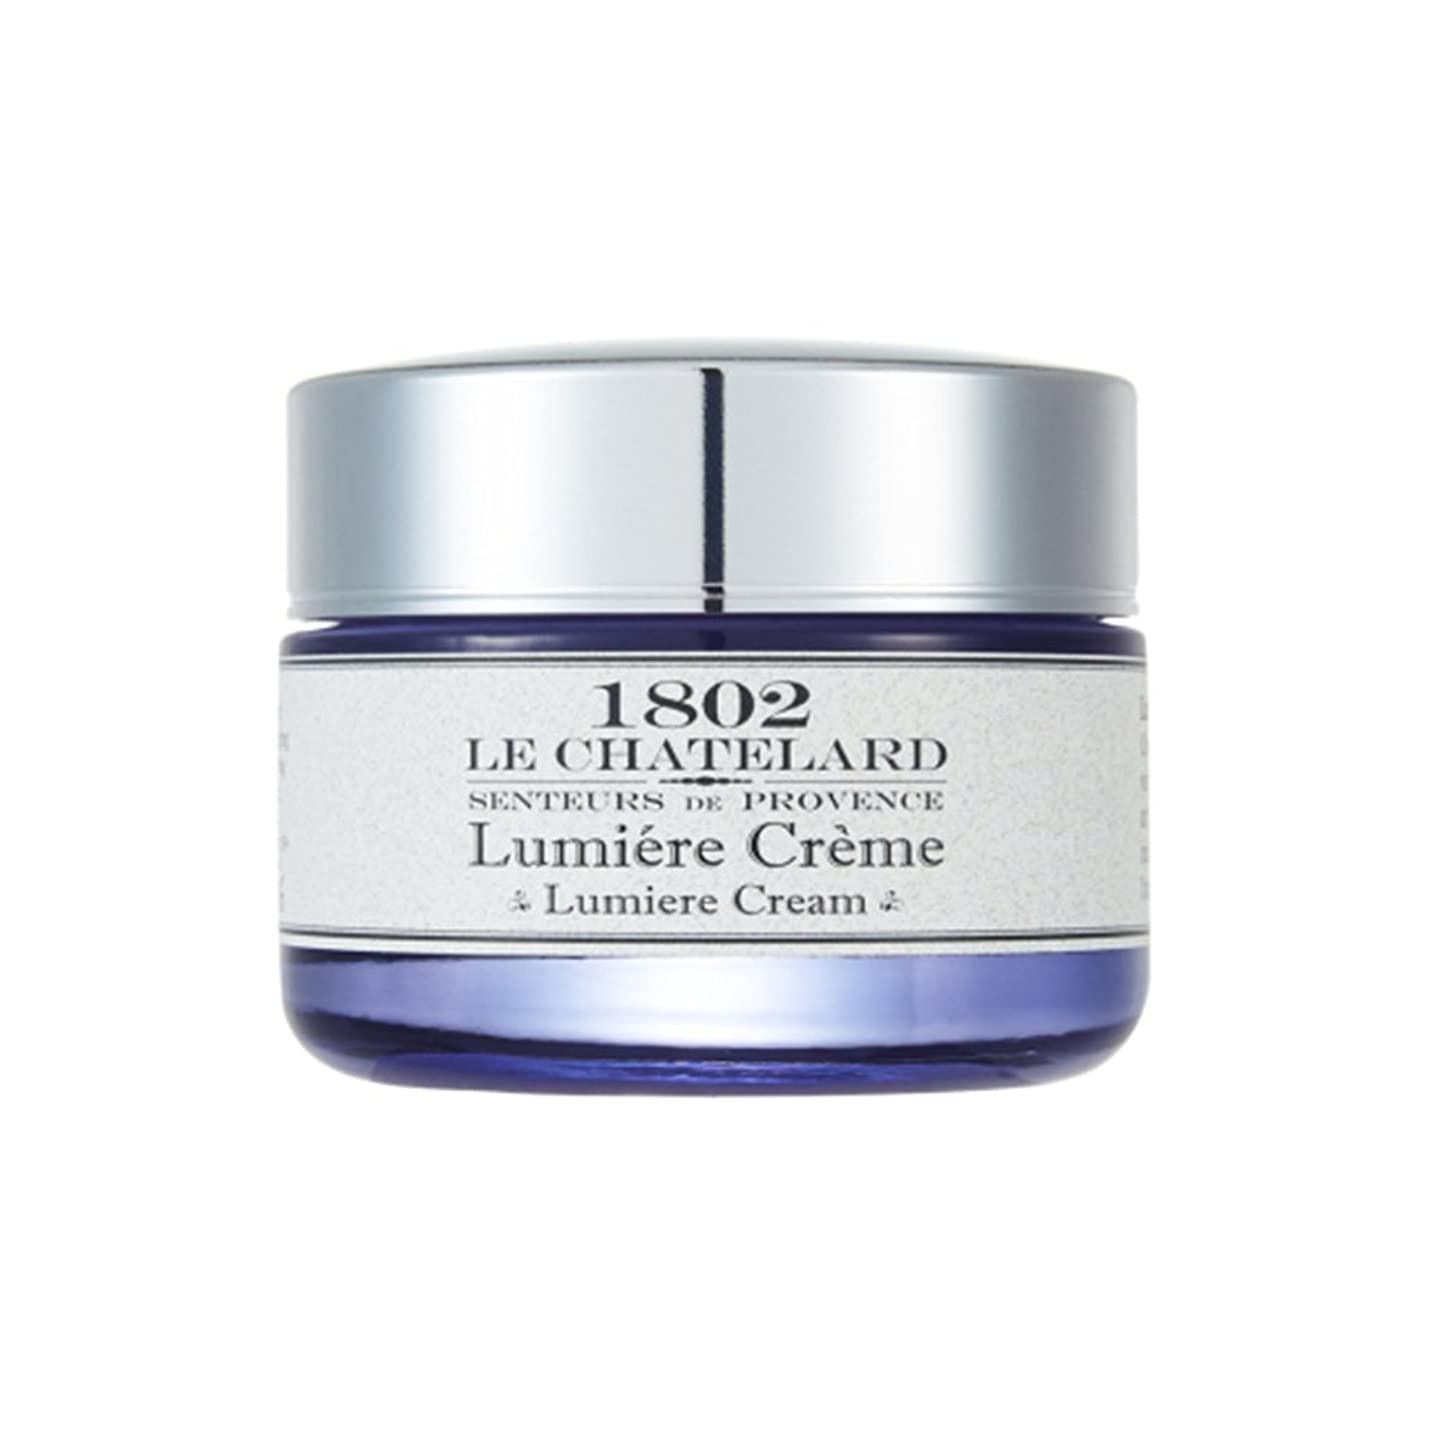 事件、出来事個人的なトリップLE CHATELARD 1802 Lumiere Cream 50ml 838692693 (海外直配送)